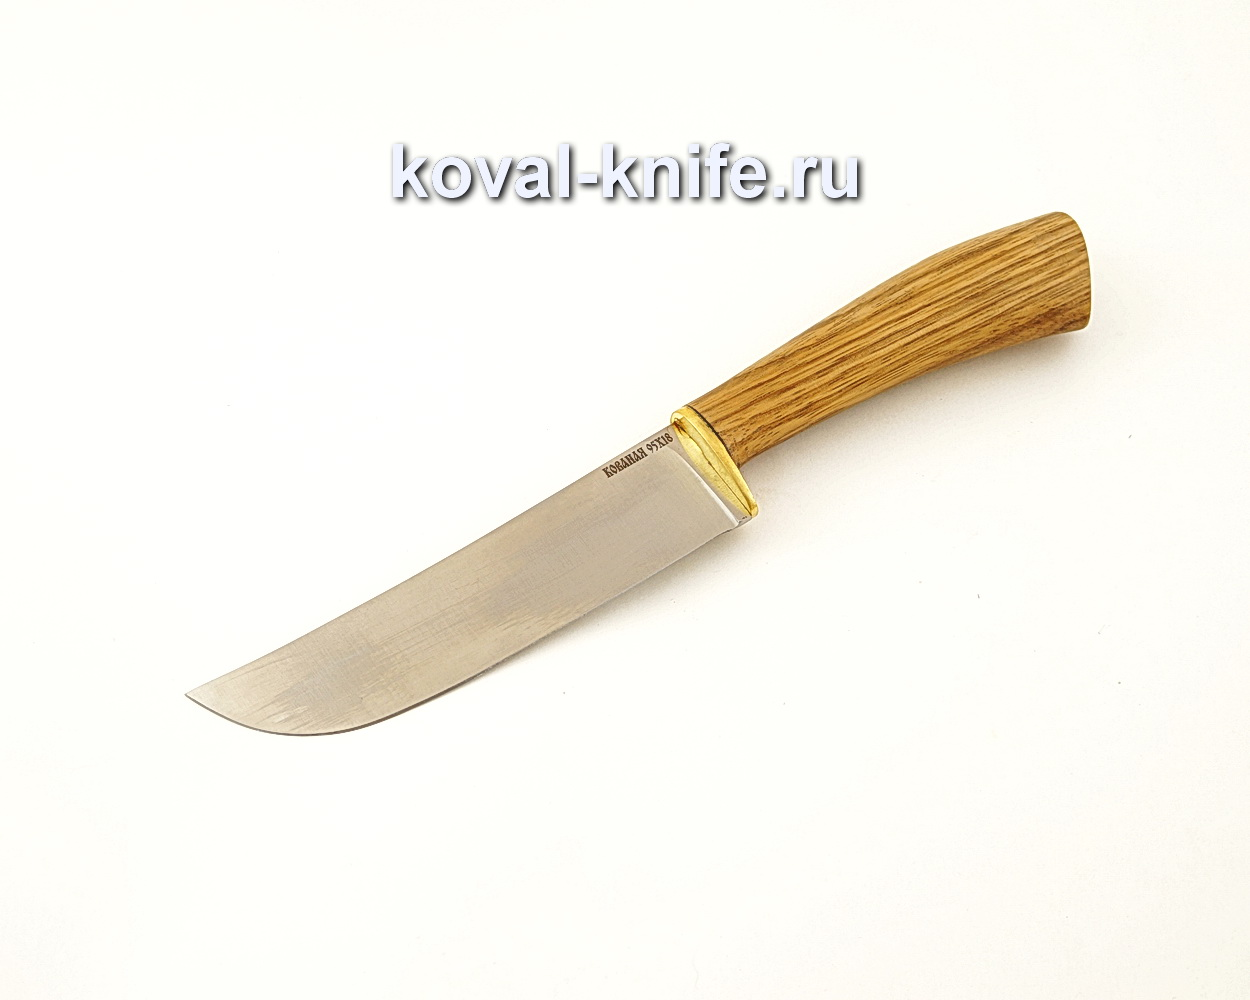 Нож Узбек – пчак из нержавеющей стали 95Х18 с рукоятью из зебрано  A638